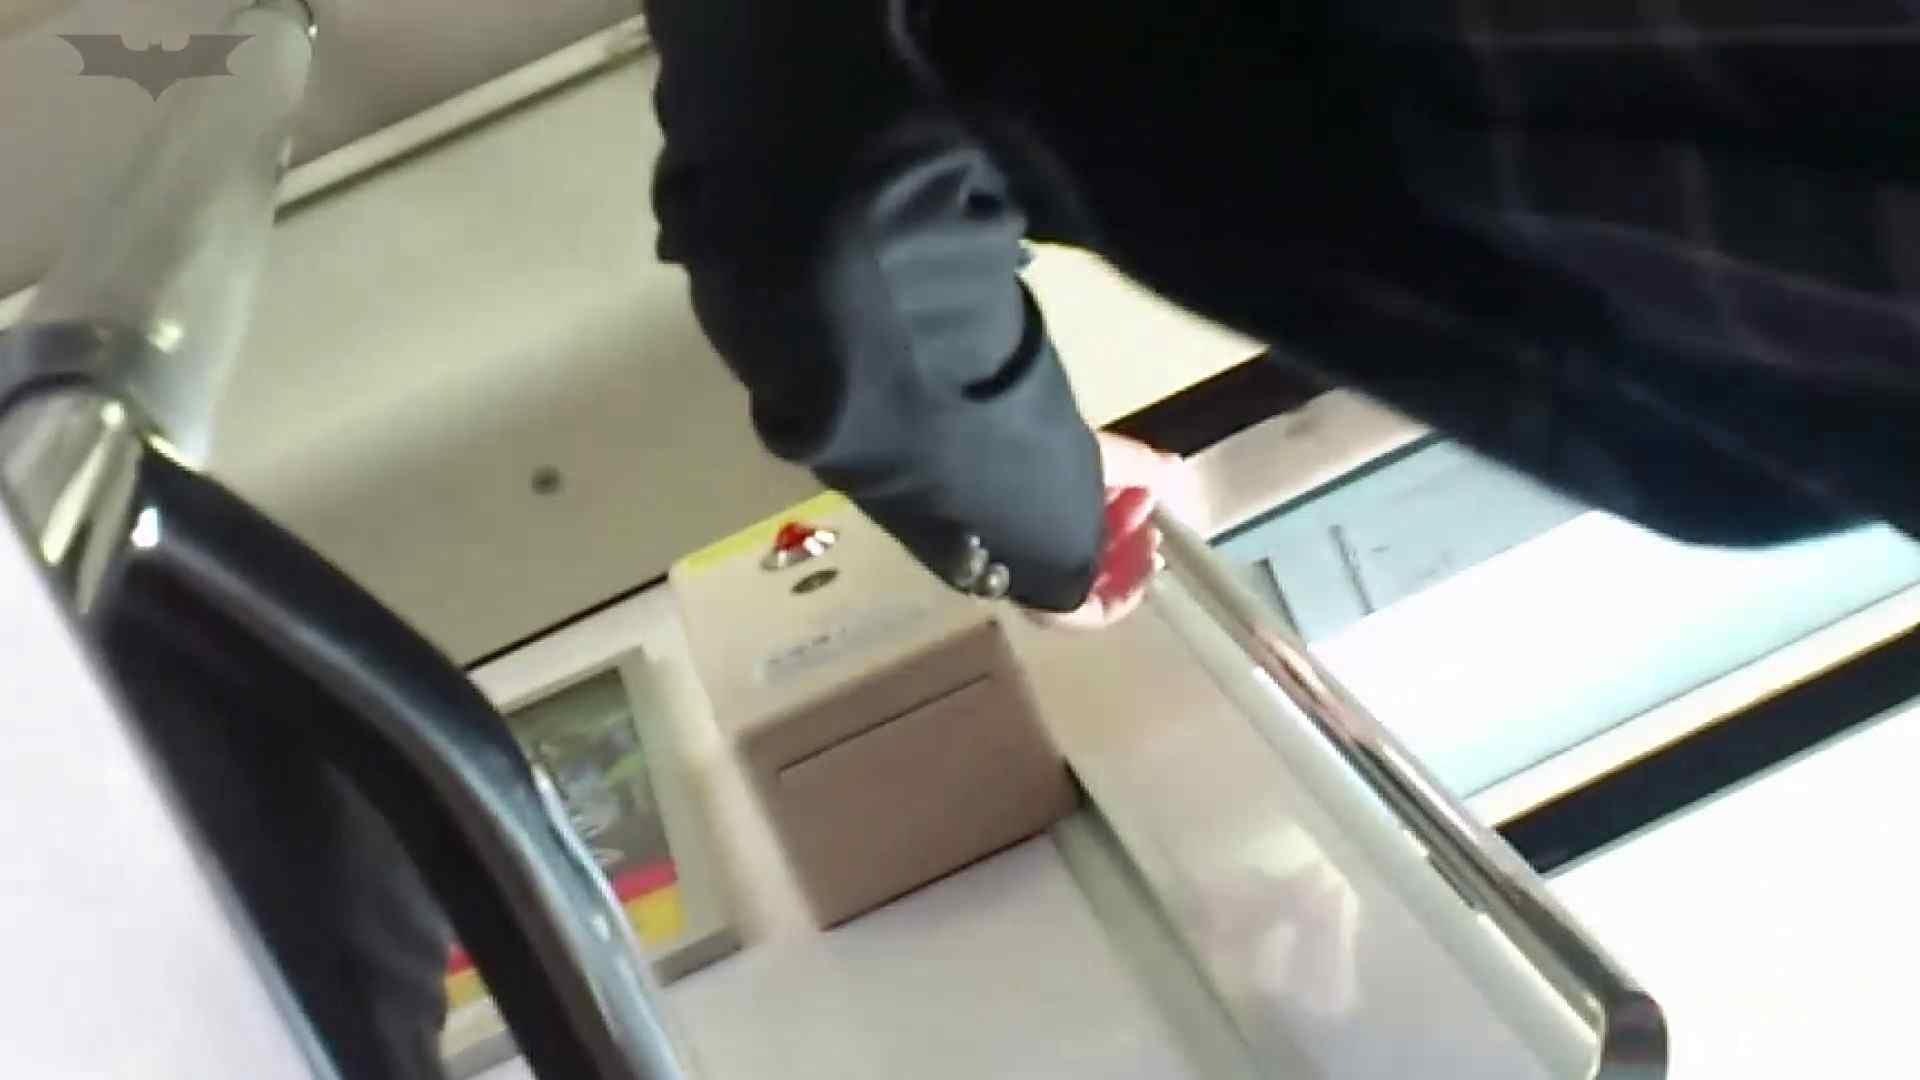 盗撮列車 Vol.14 お嬢様のバックプリントパンツ パンツ | 盗撮エロすぎ  99連発 57